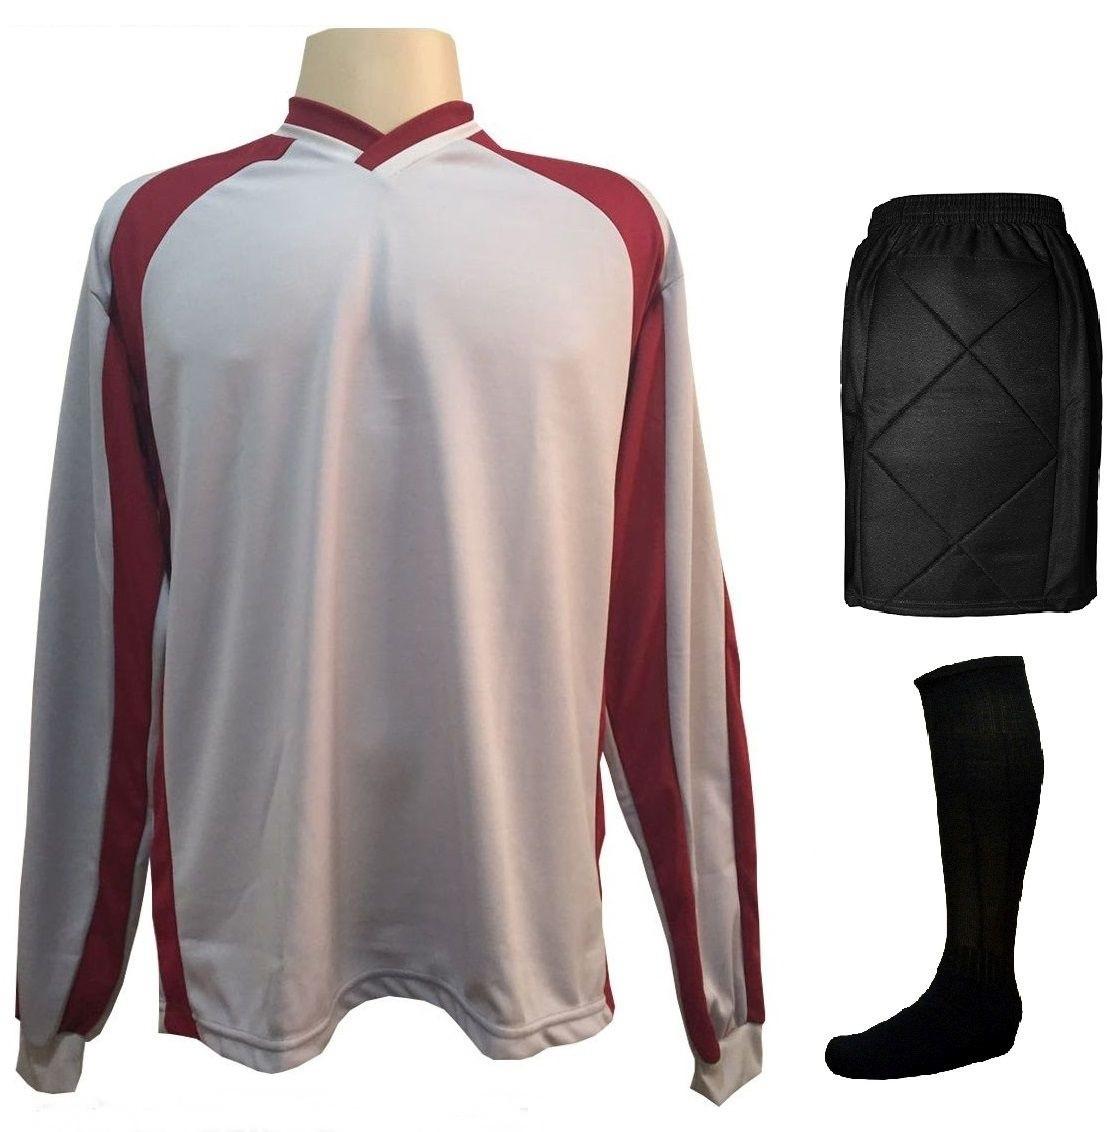 Uniforme Esportivo Completo modelo Suécia 14+1 (14 camisas Vermelho/Branco + 14 calções Madrid Branco + 14 pares de meiões Branco + 1 conjunto de goleiro) + Brindes